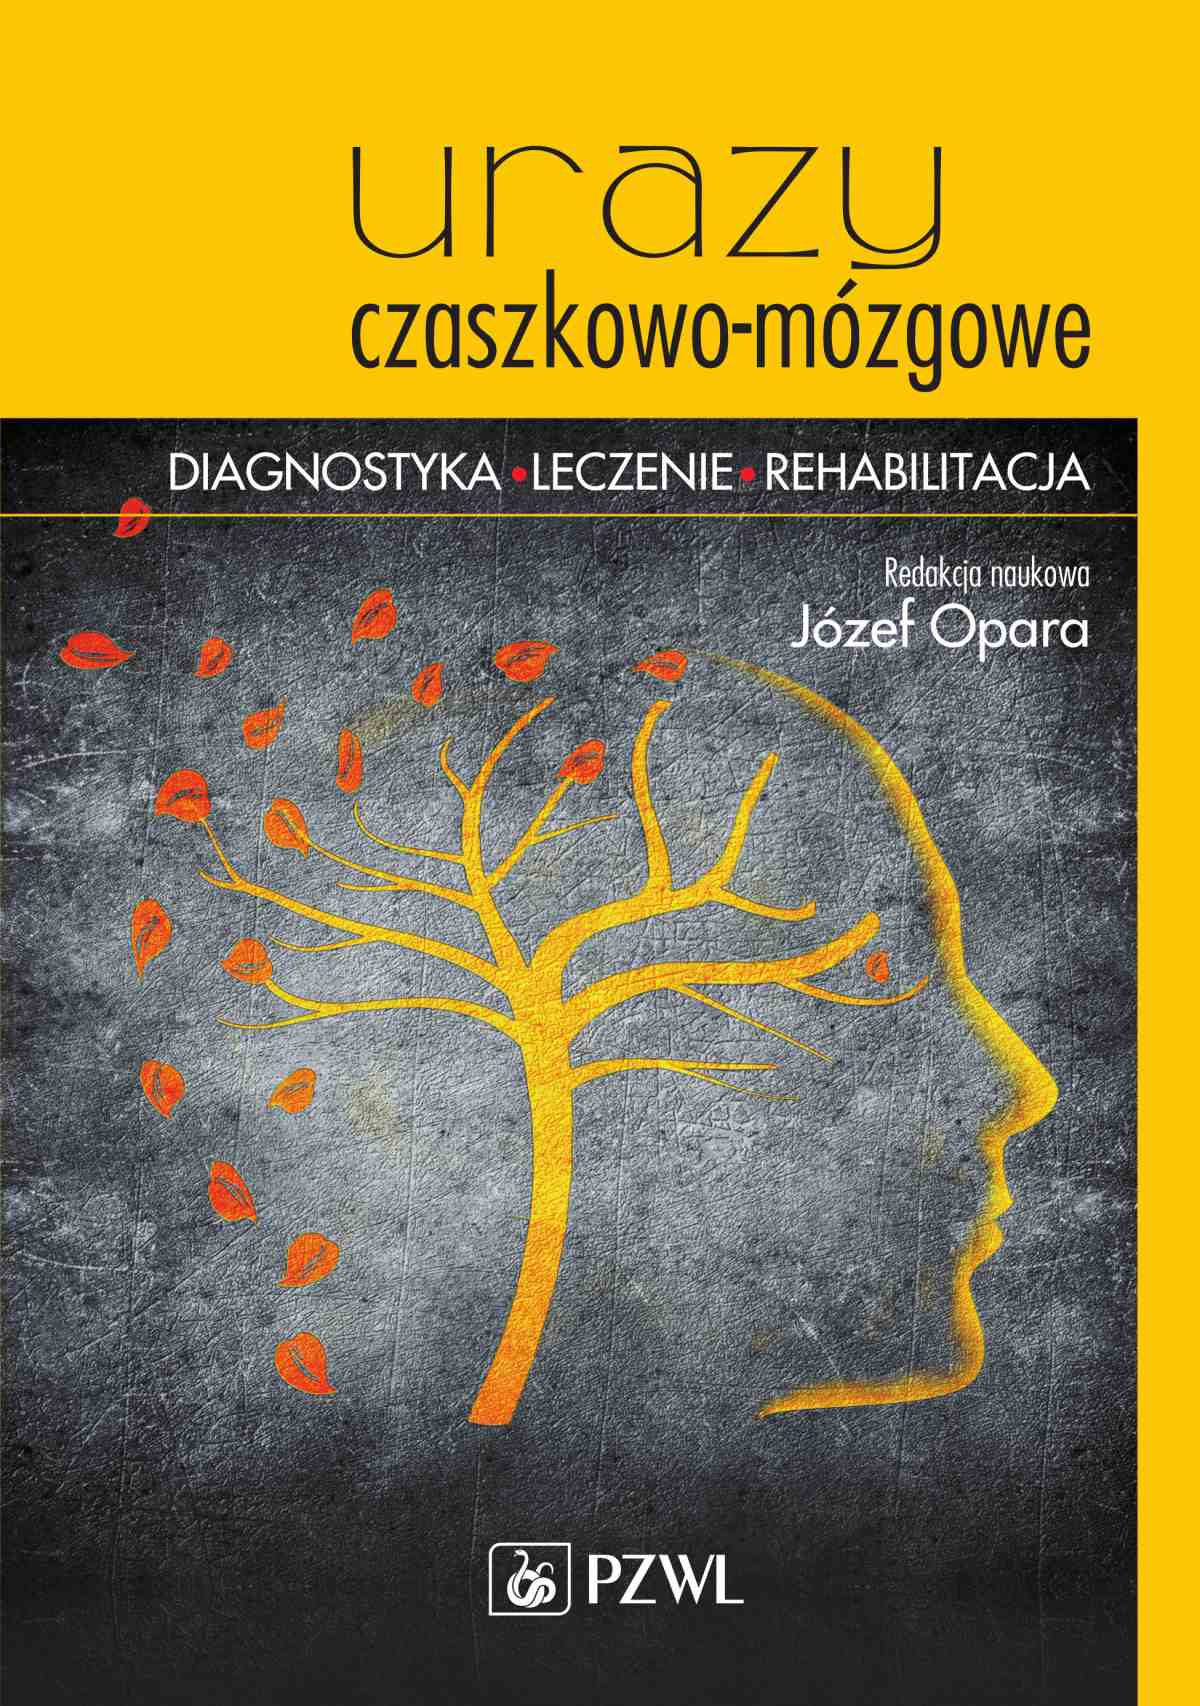 Urazy czaszkowo-mózgowe - Ebook (Książka EPUB) do pobrania w formacie EPUB